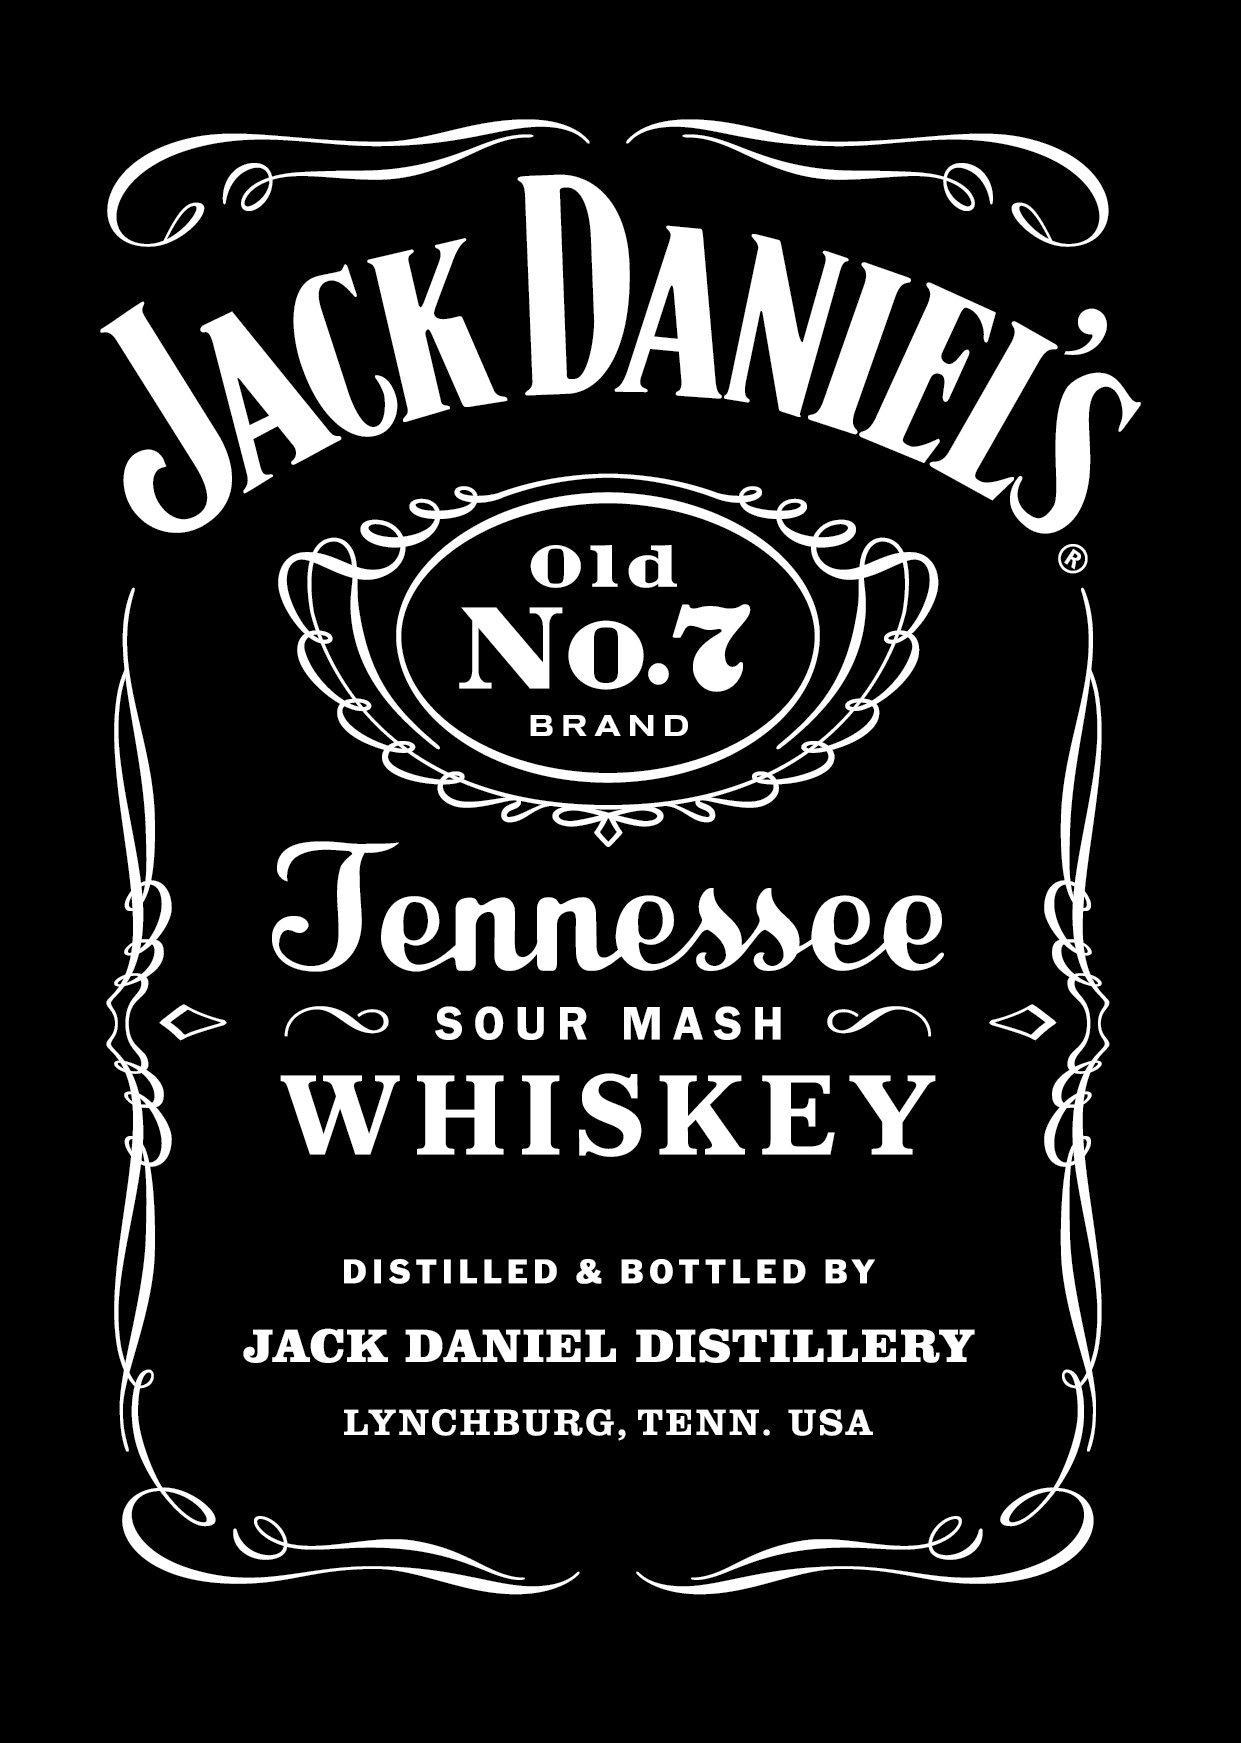 Edible Jack Daniels Label Template Download